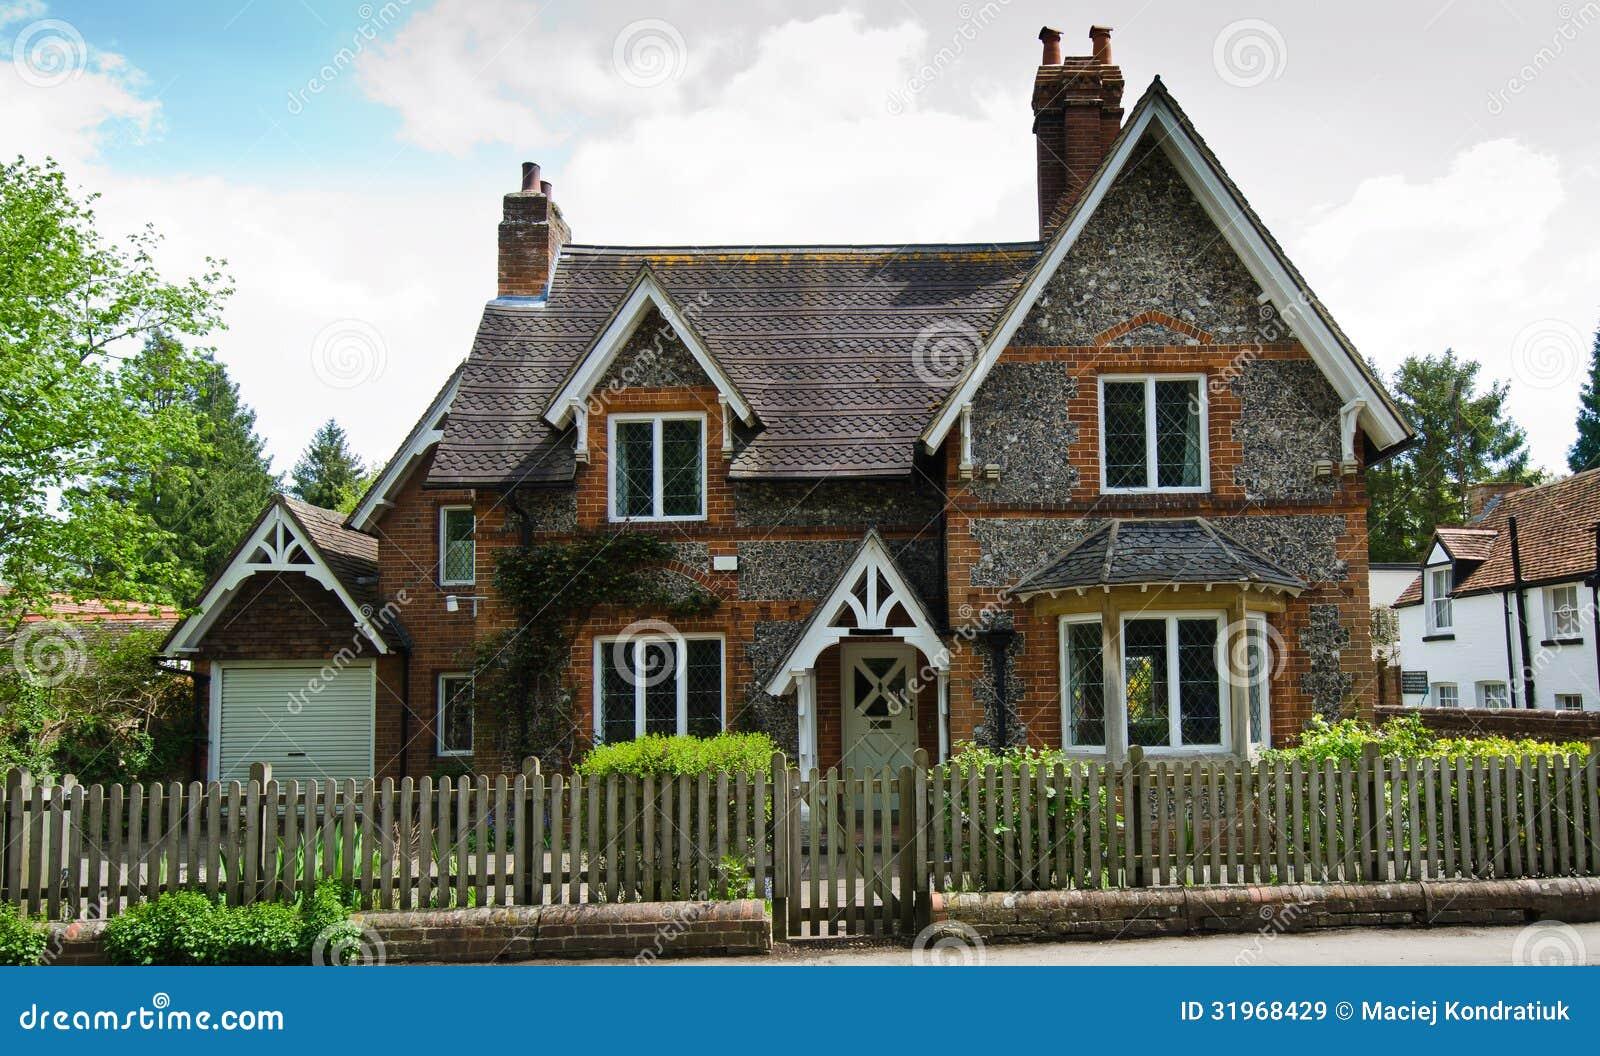 Casa inglese immagine stock immagine di giardino for Case inglesi foto